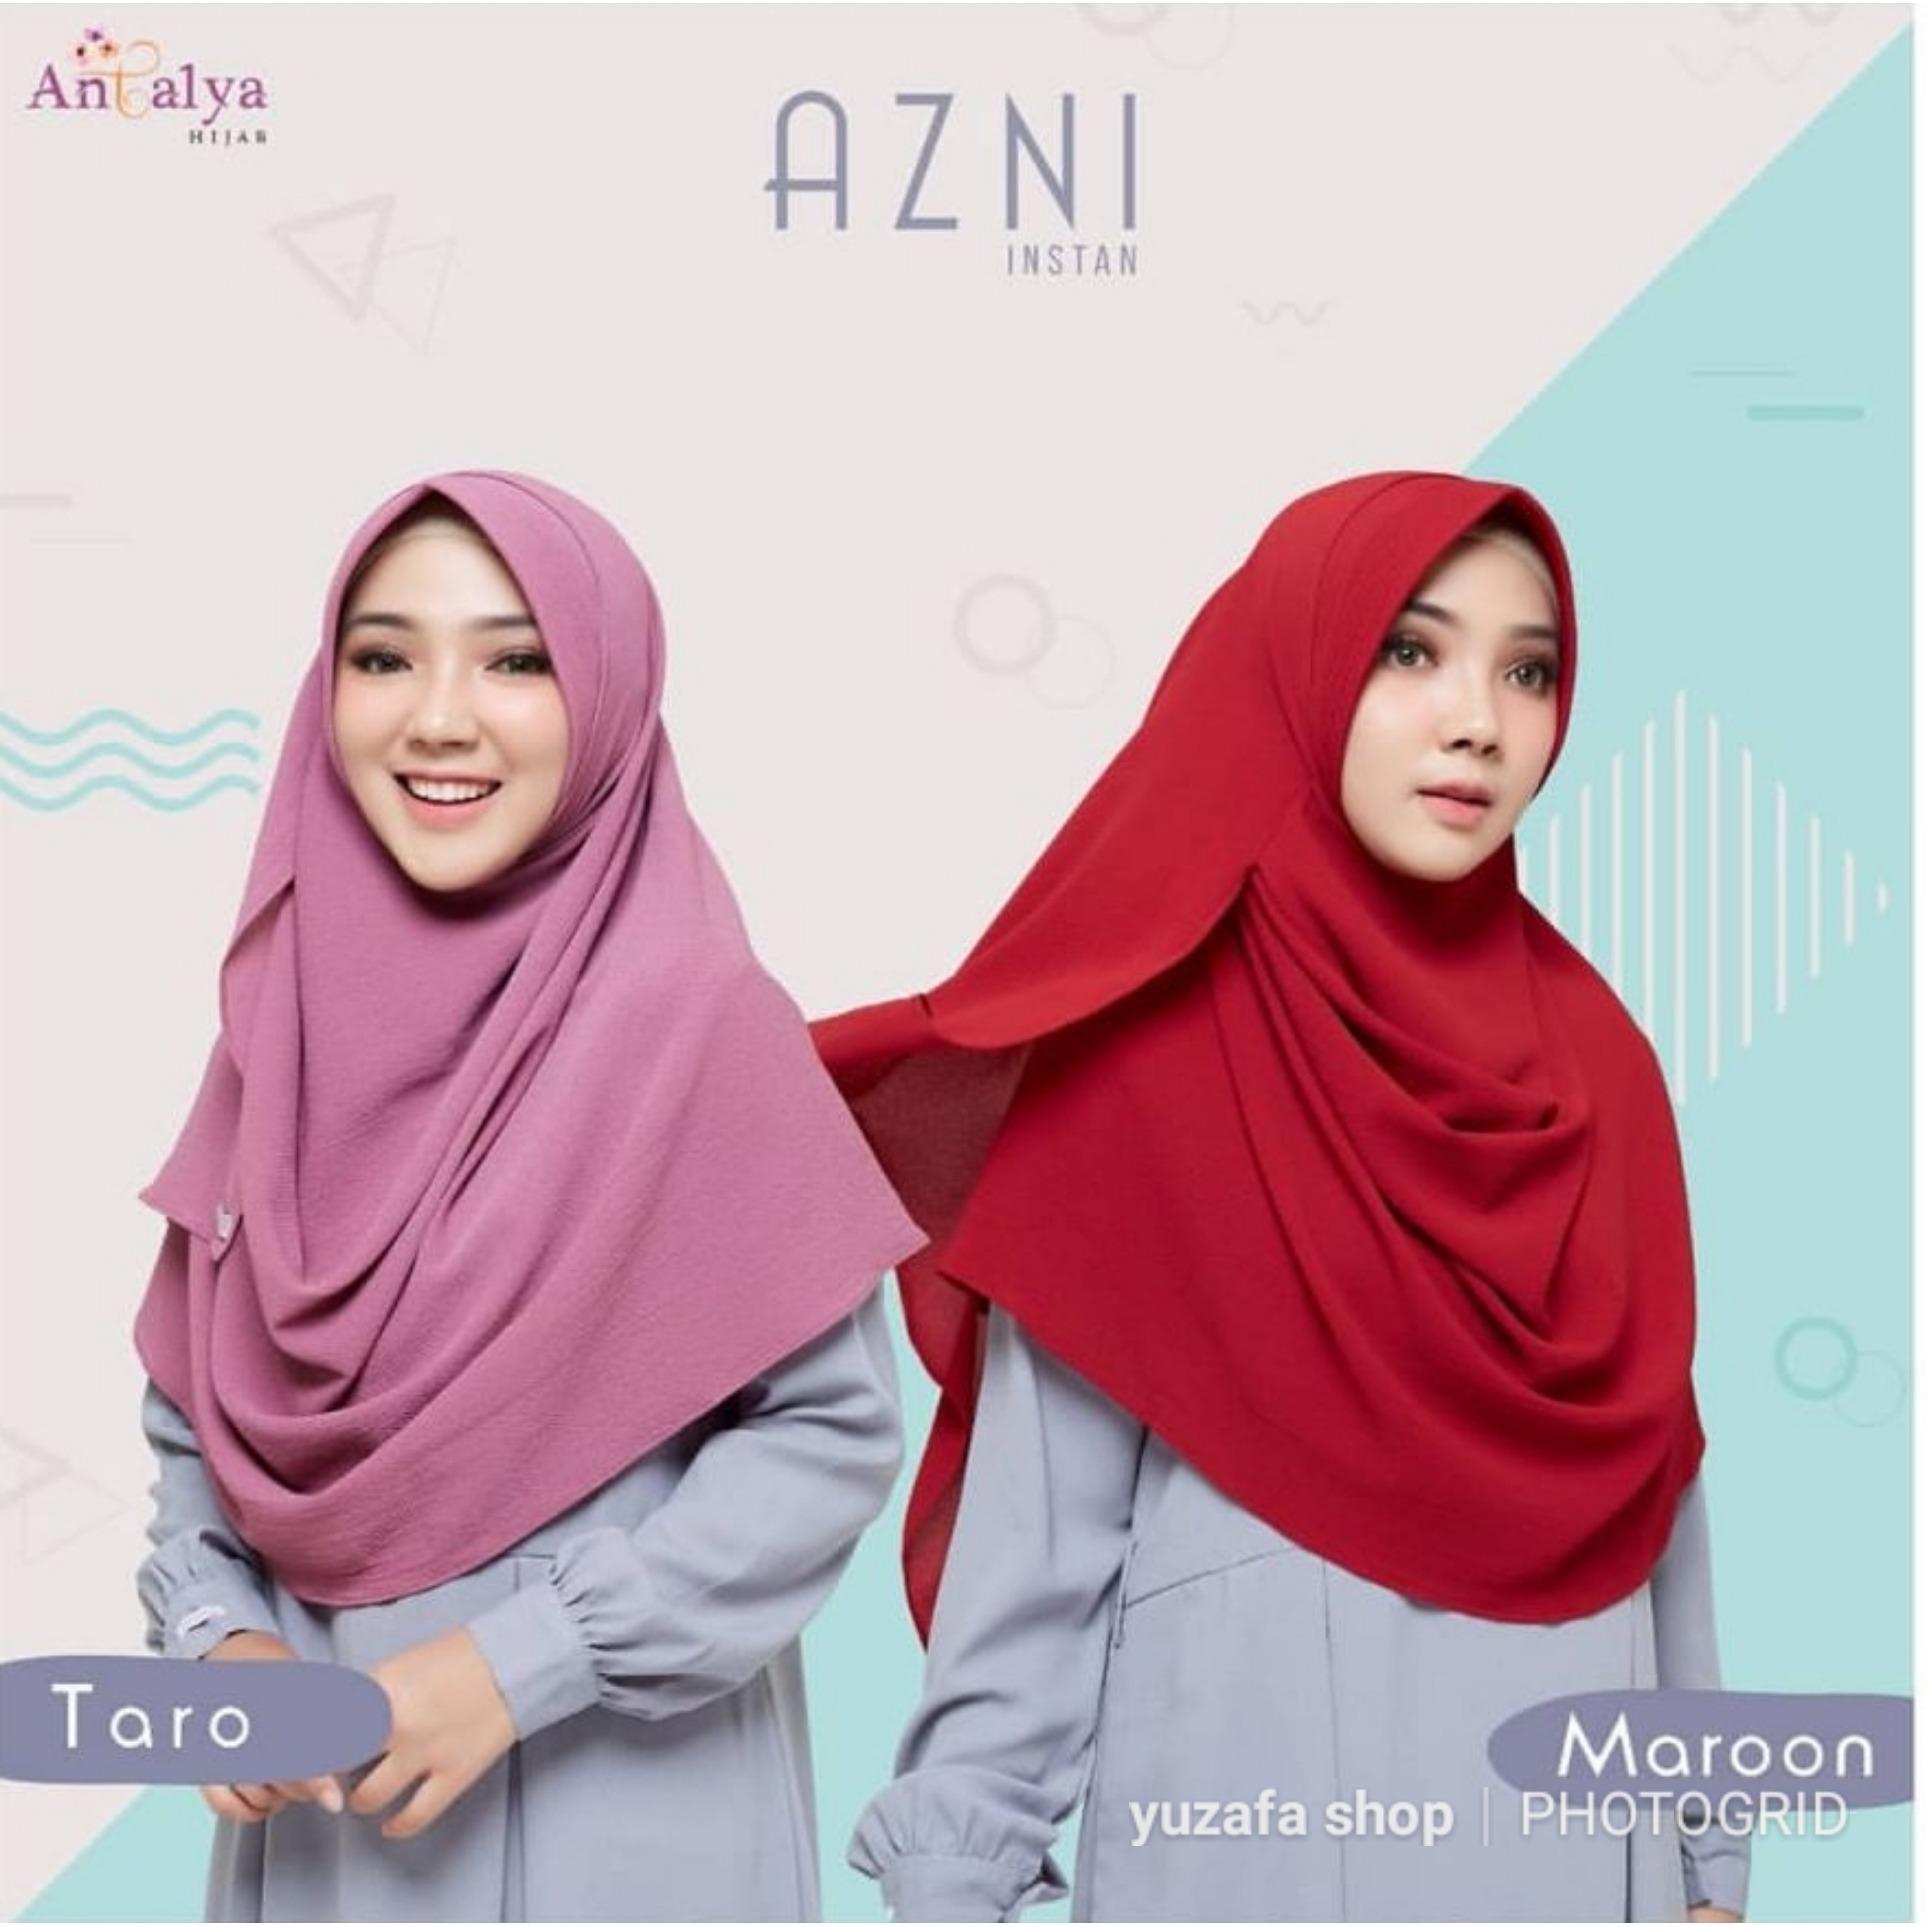 Antalya Hijab jilbab pasmina instan Azni Size S Taro Yuzafa Olshop